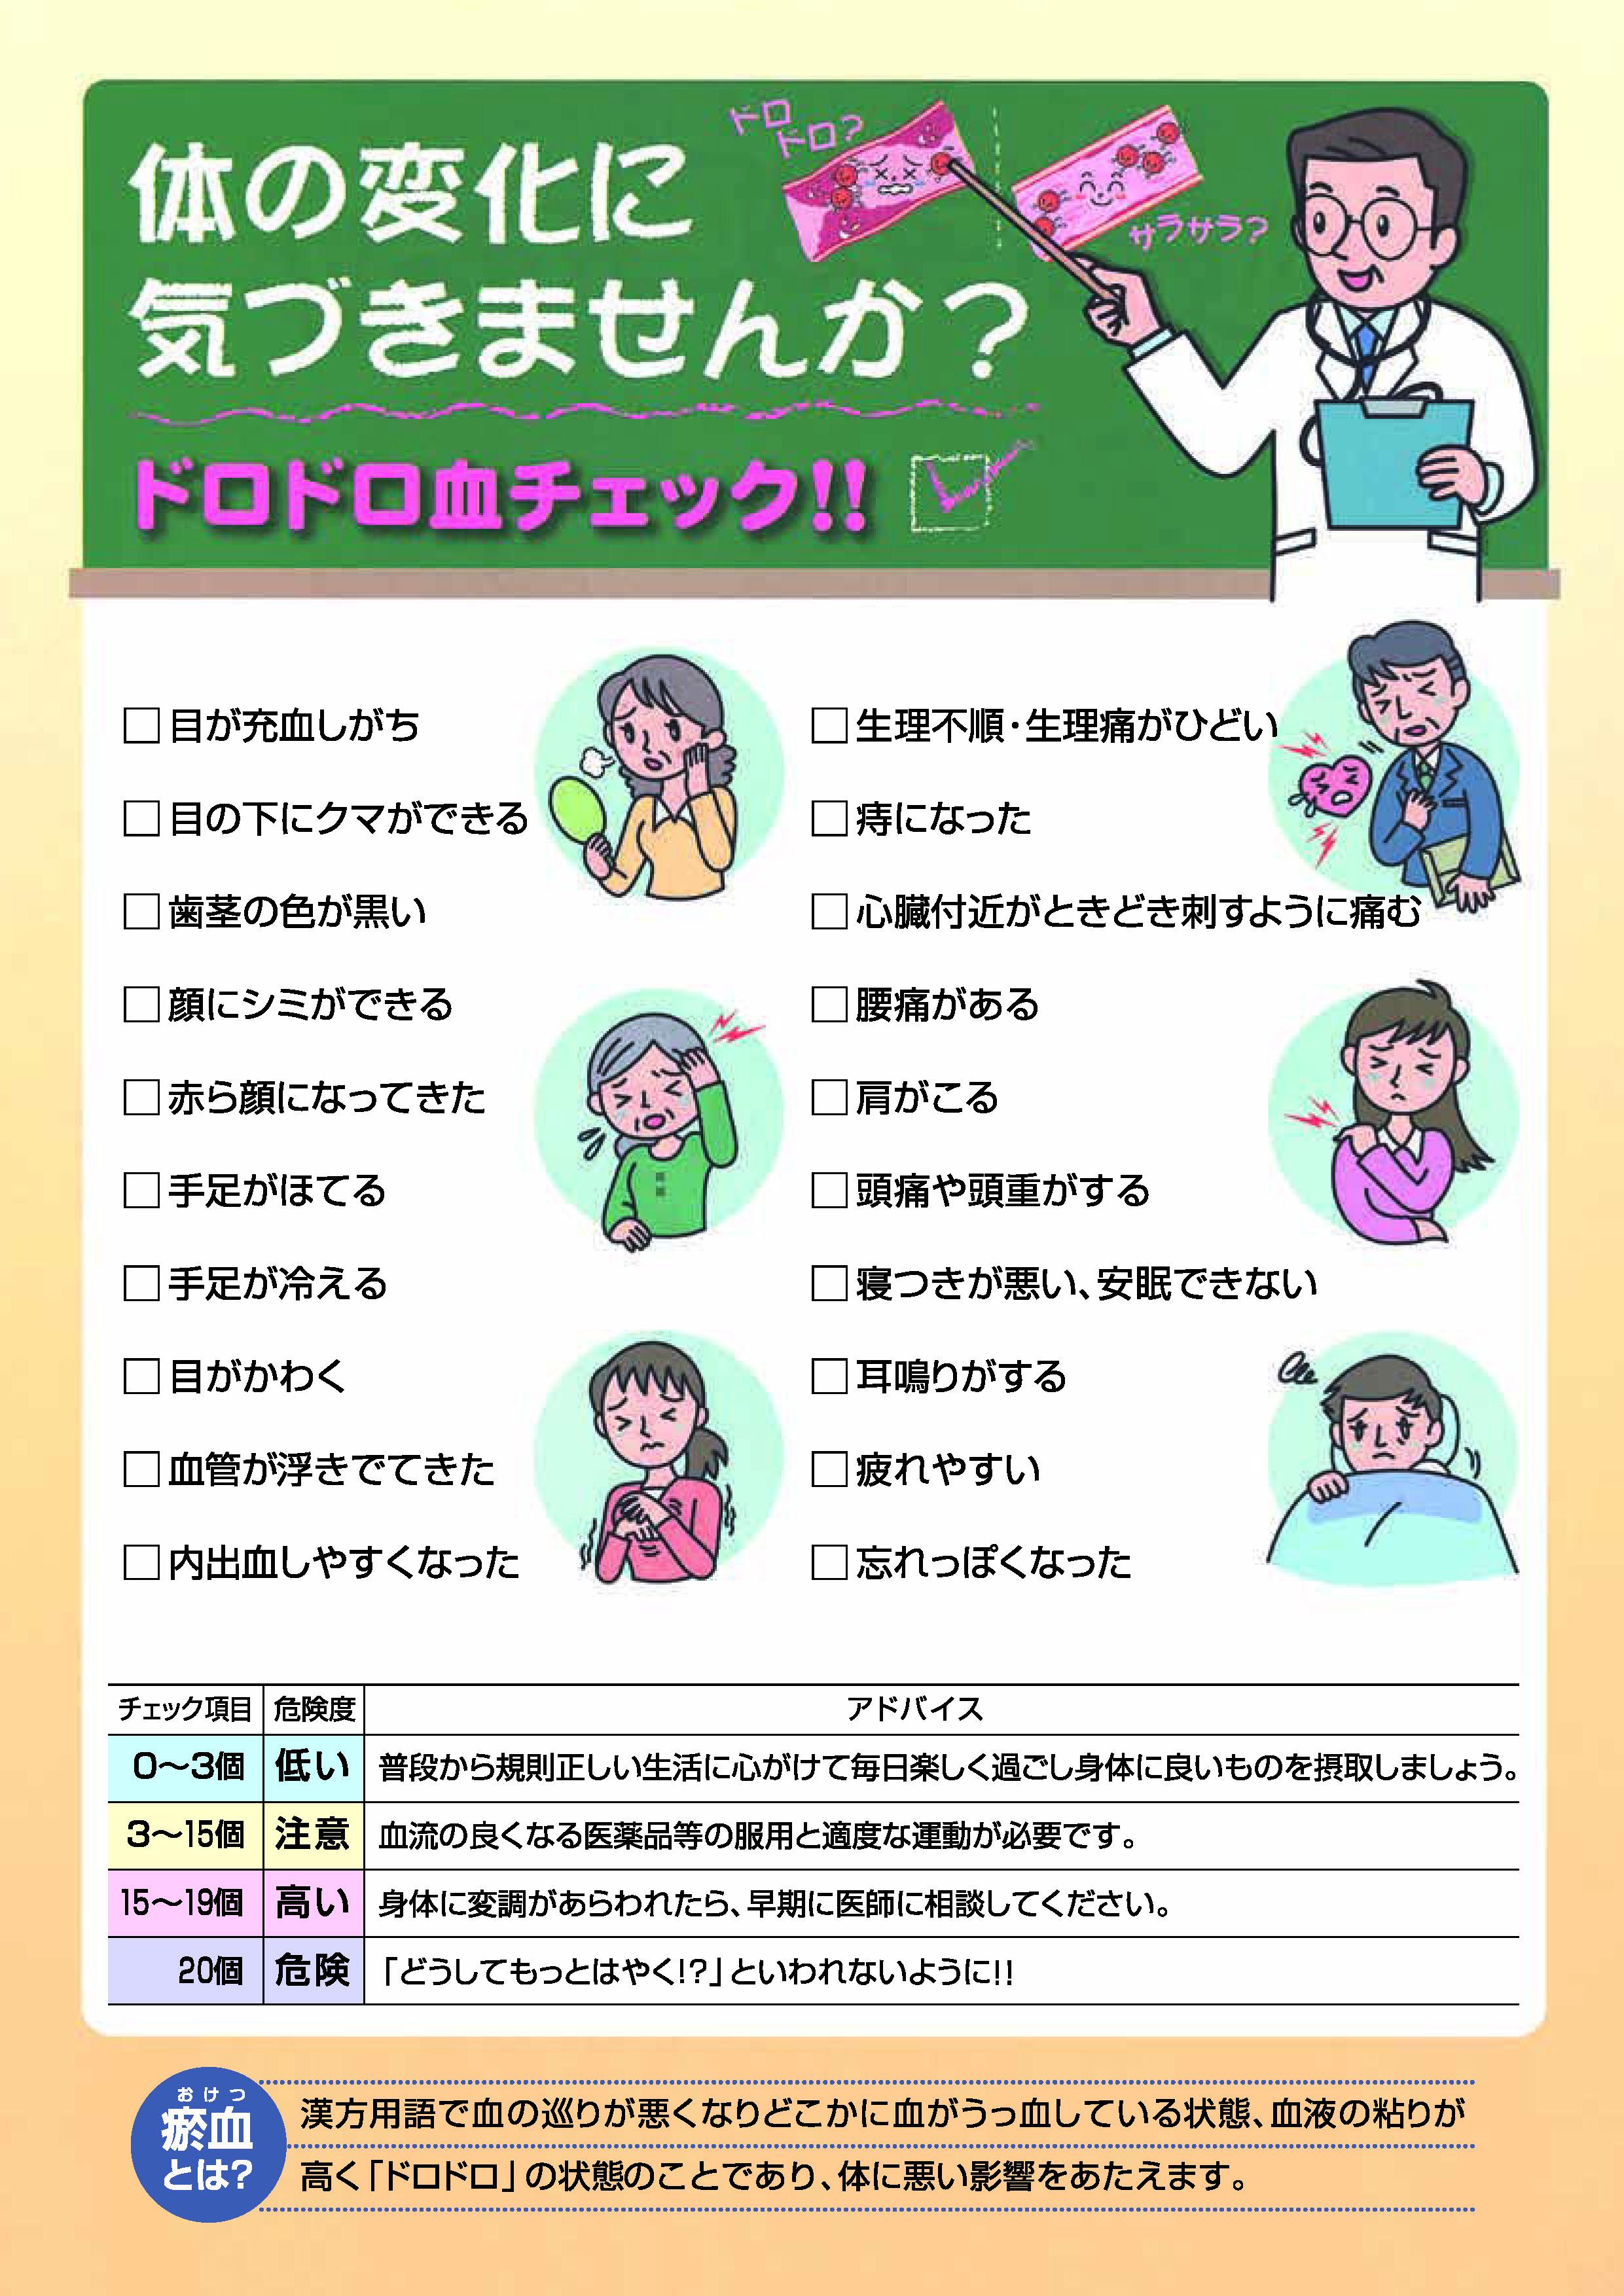 長城冠丹元顆粒_血流を見直そうパンフA4(裏).jpg